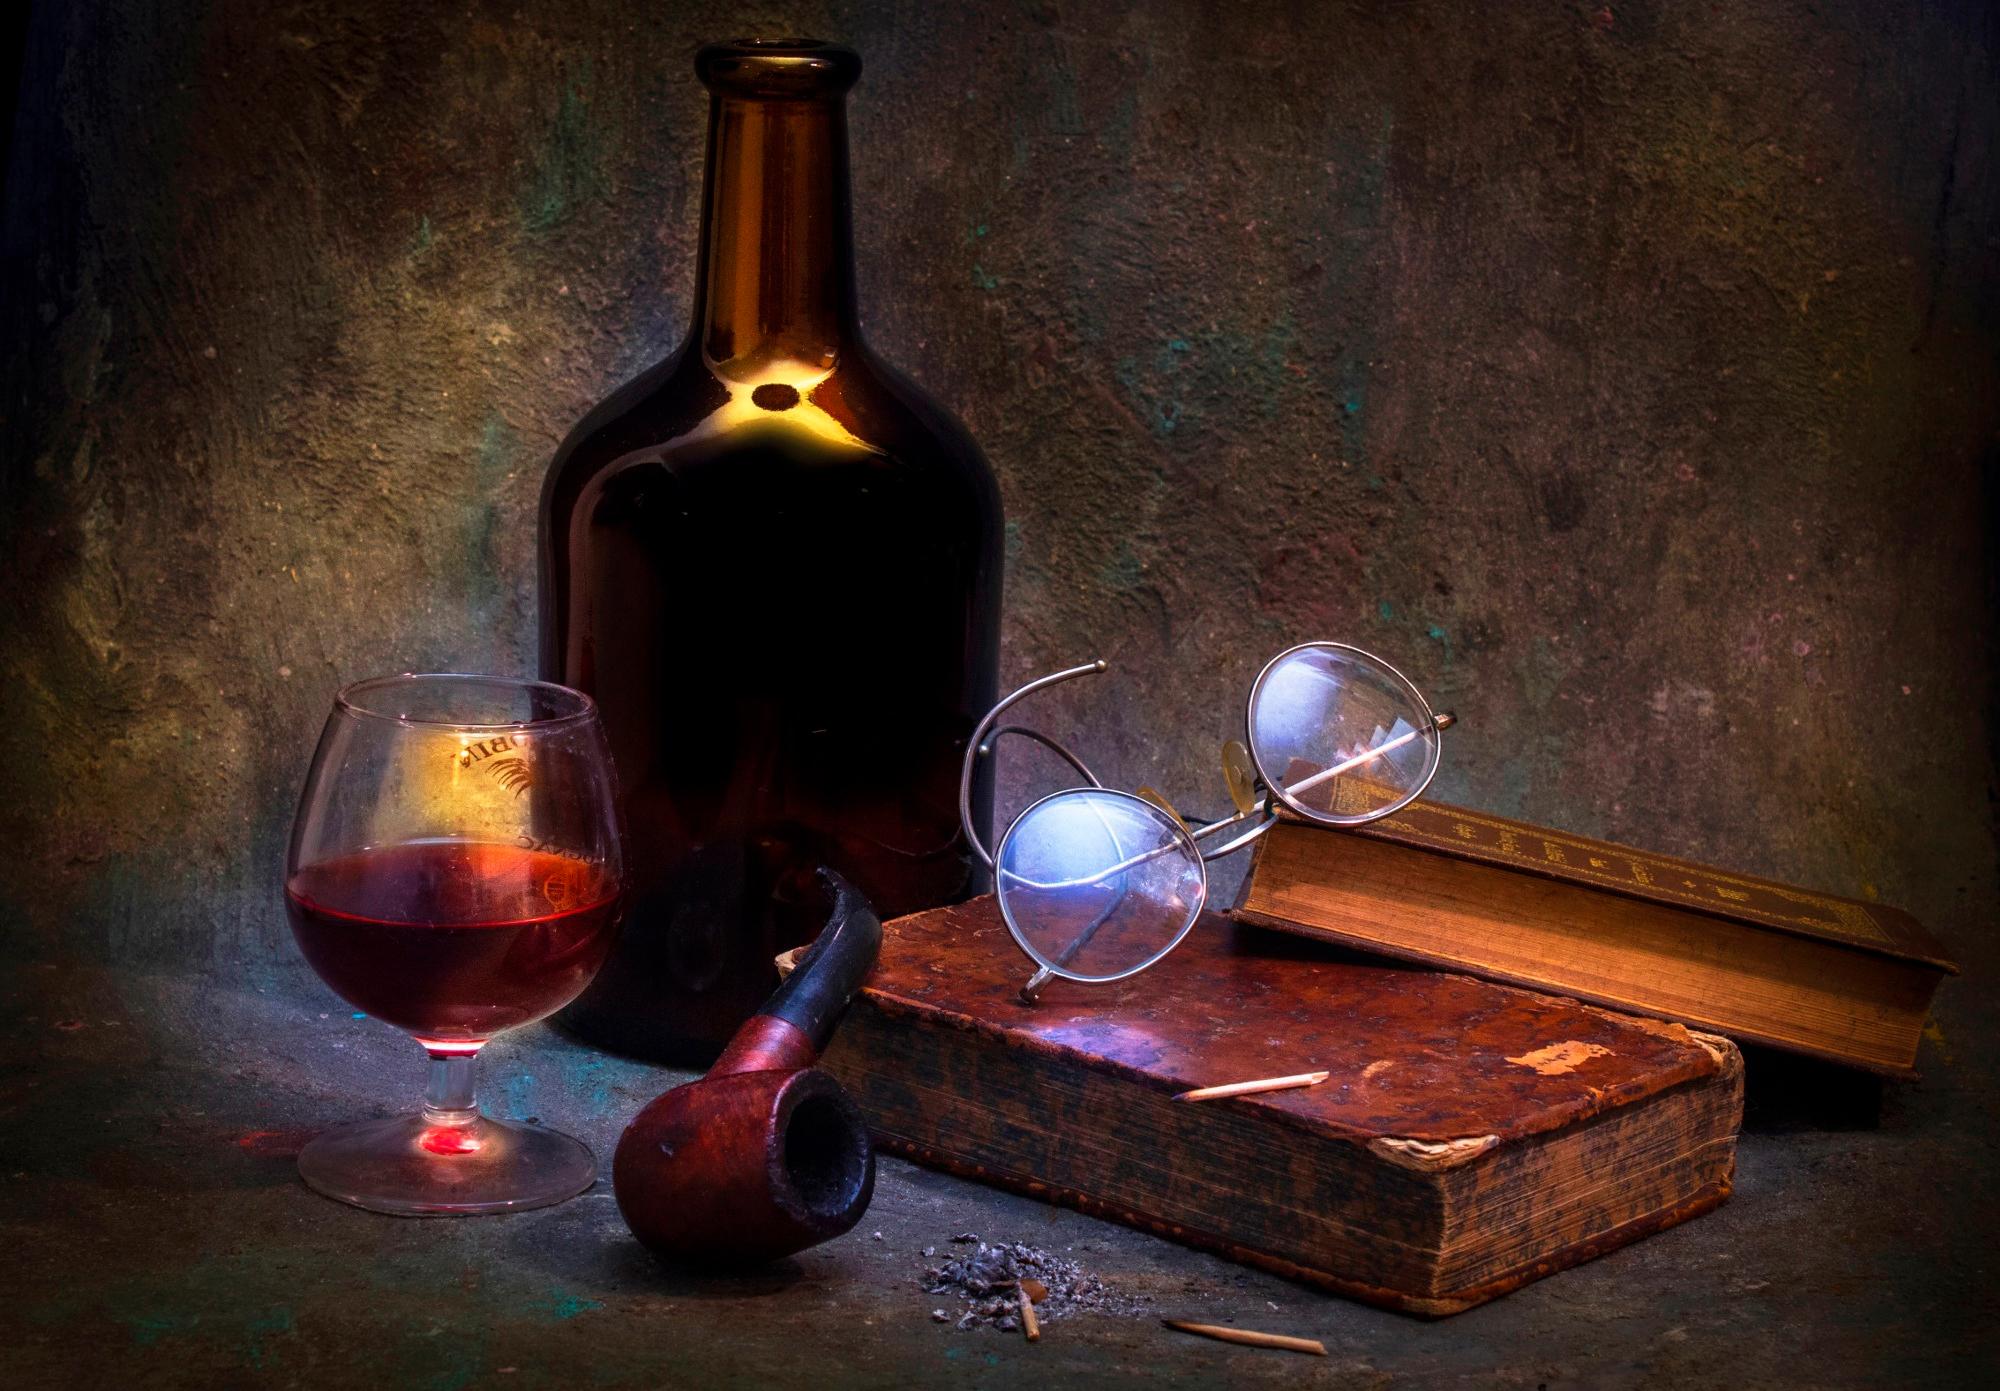 Нож, книга, бокал вино, трубка скачать